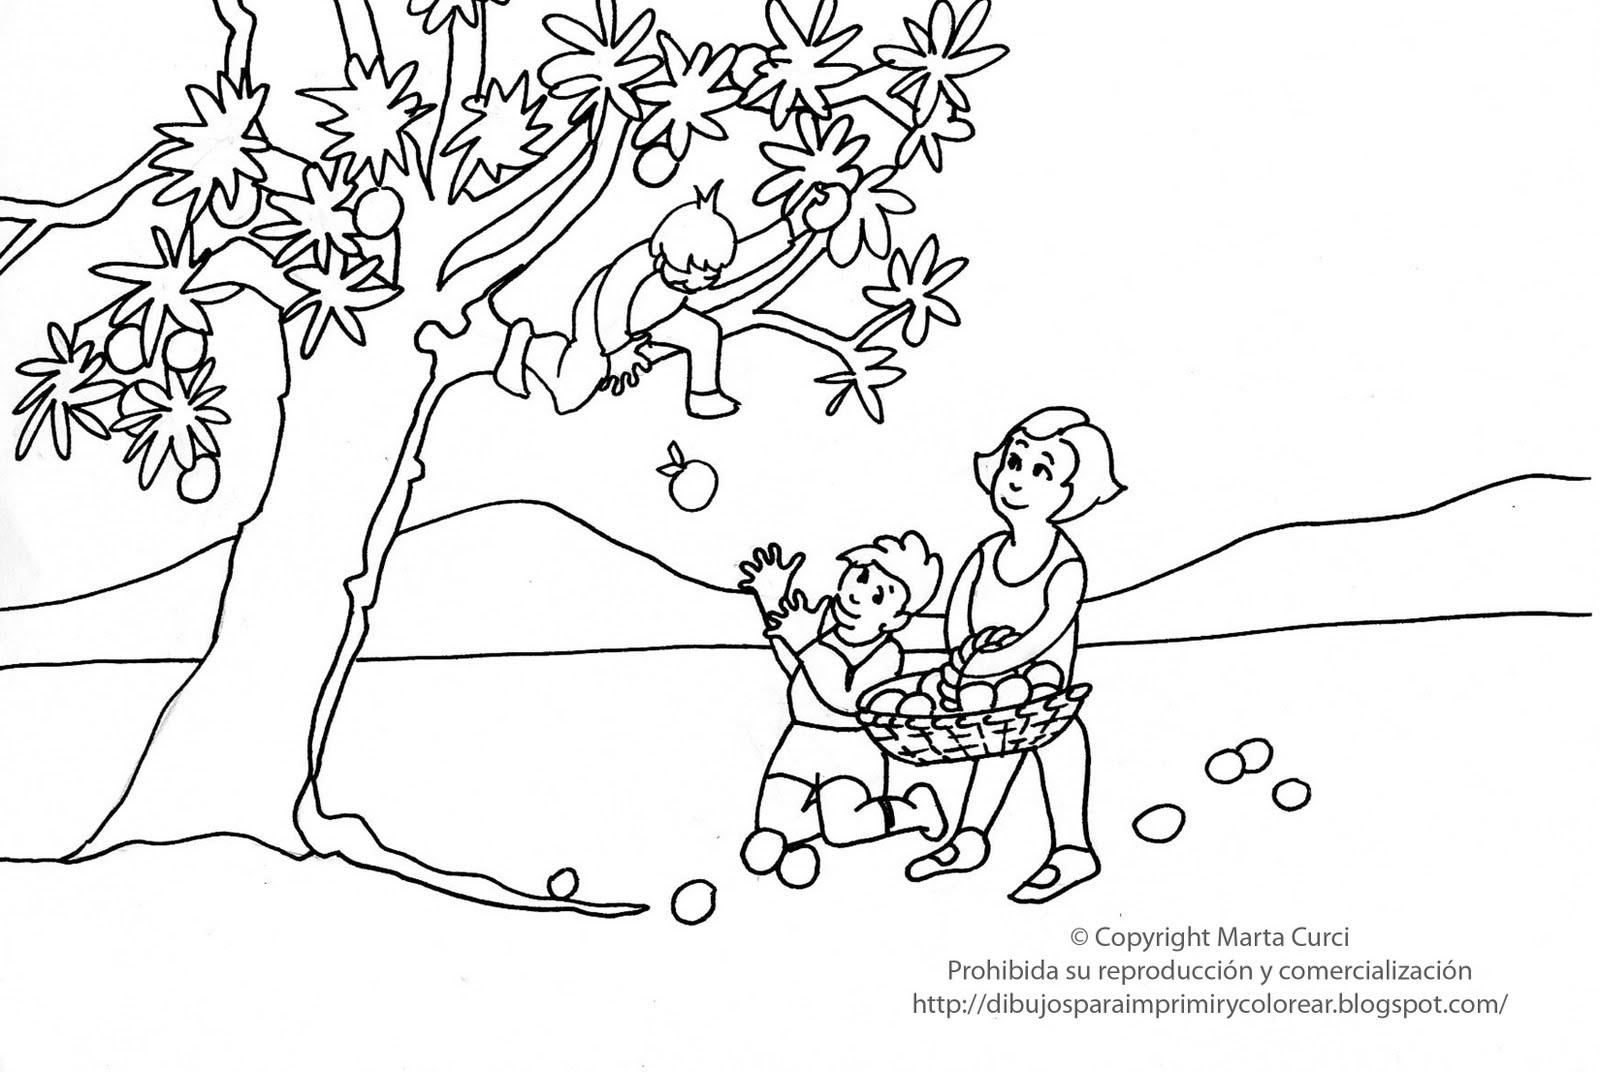 Dibujos para imprimir y colorear gratis para niños: Dibujo de niños ...